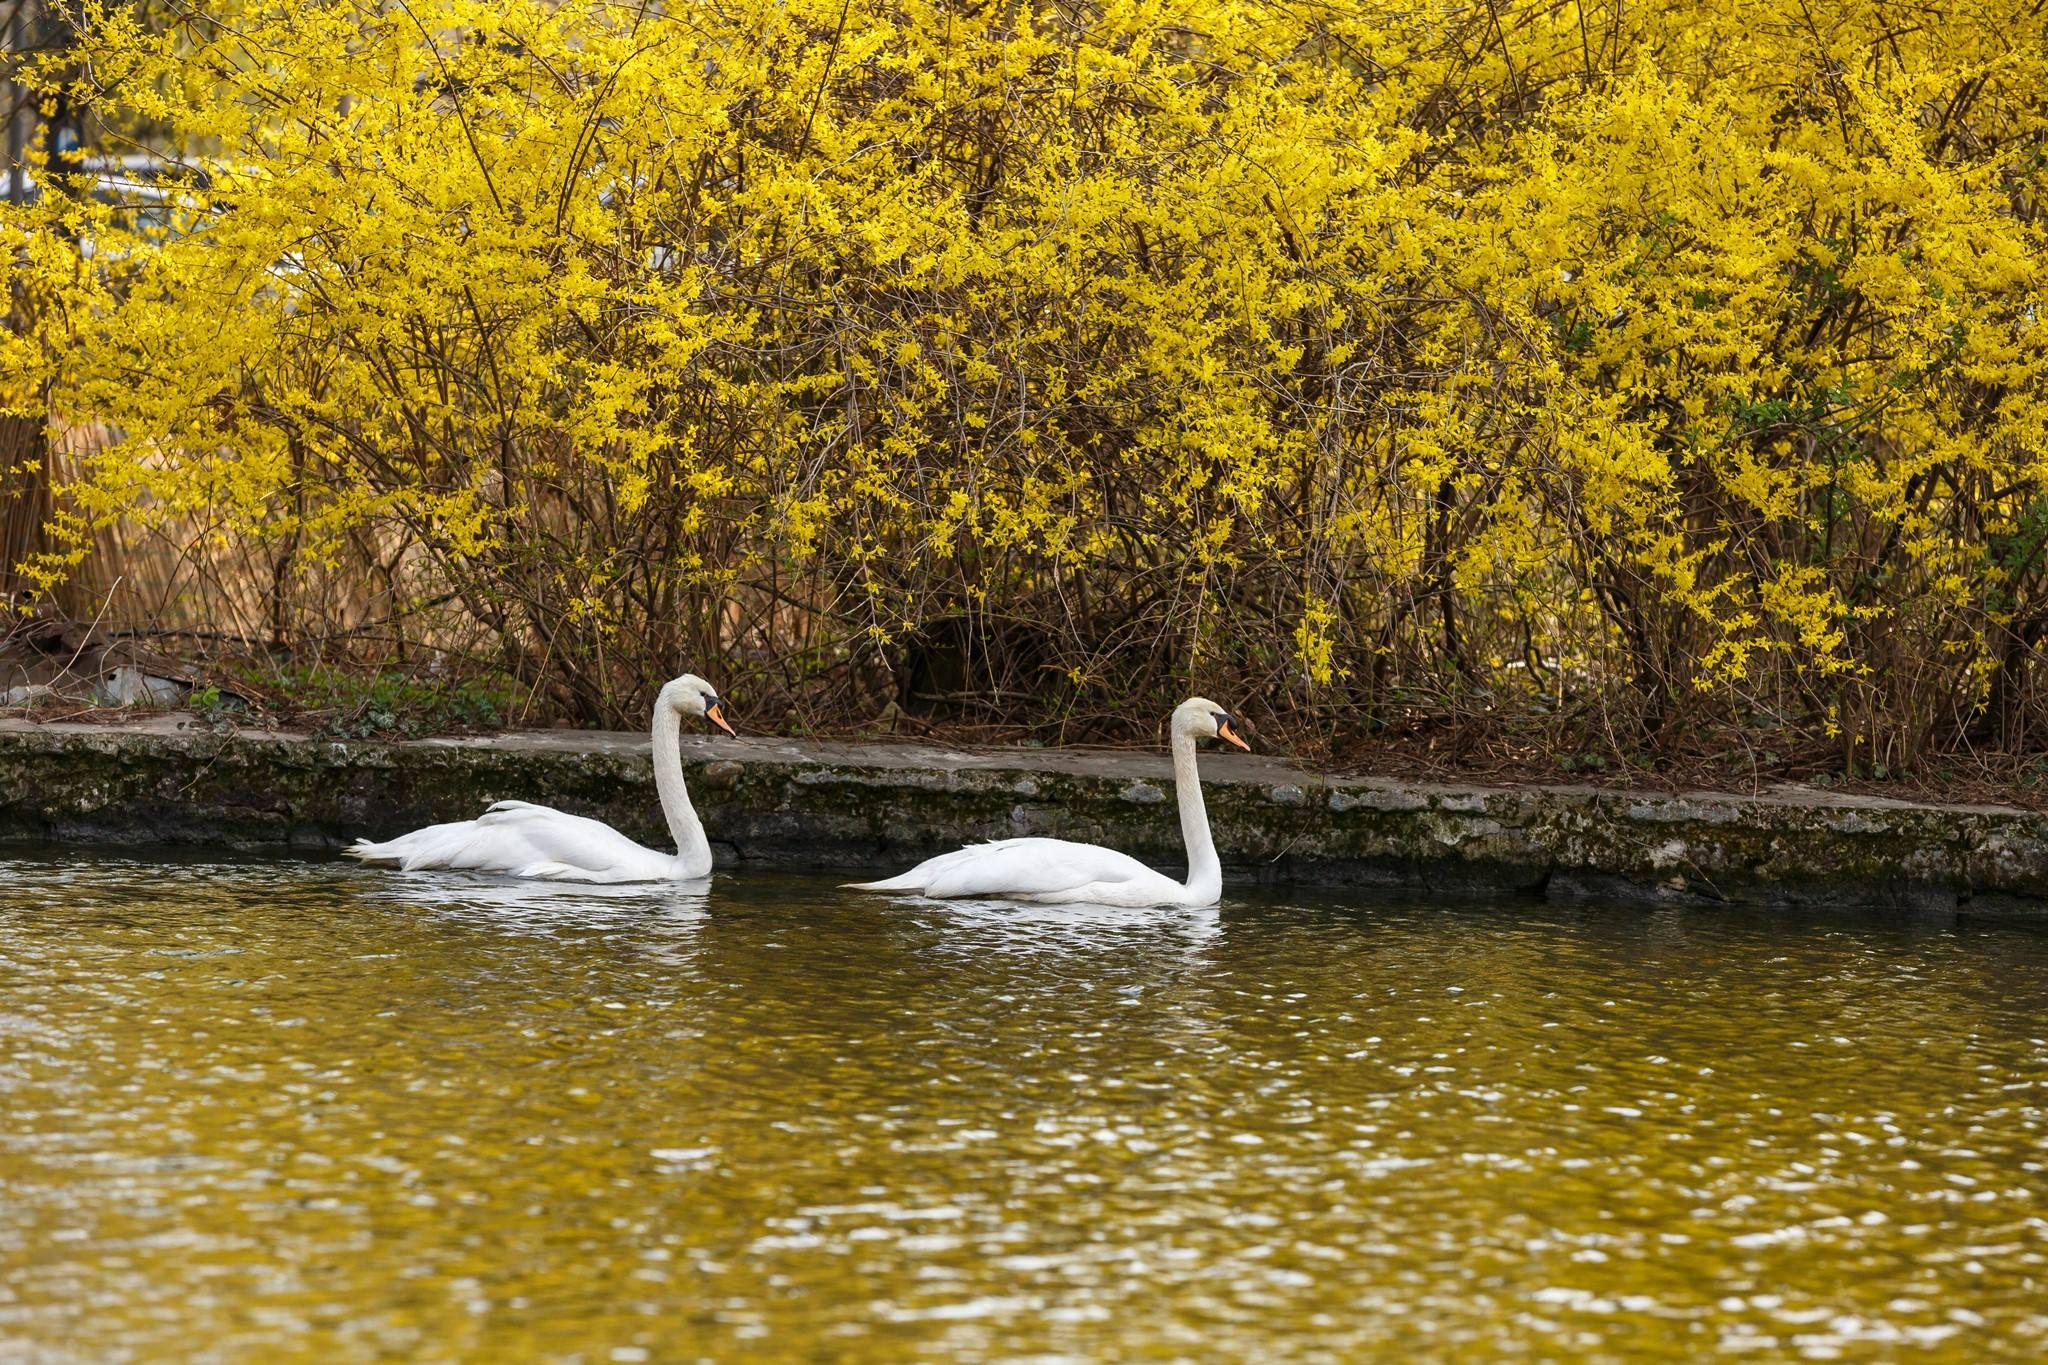 lebedele albe au revenit pe Lacul Chios 04-19 c